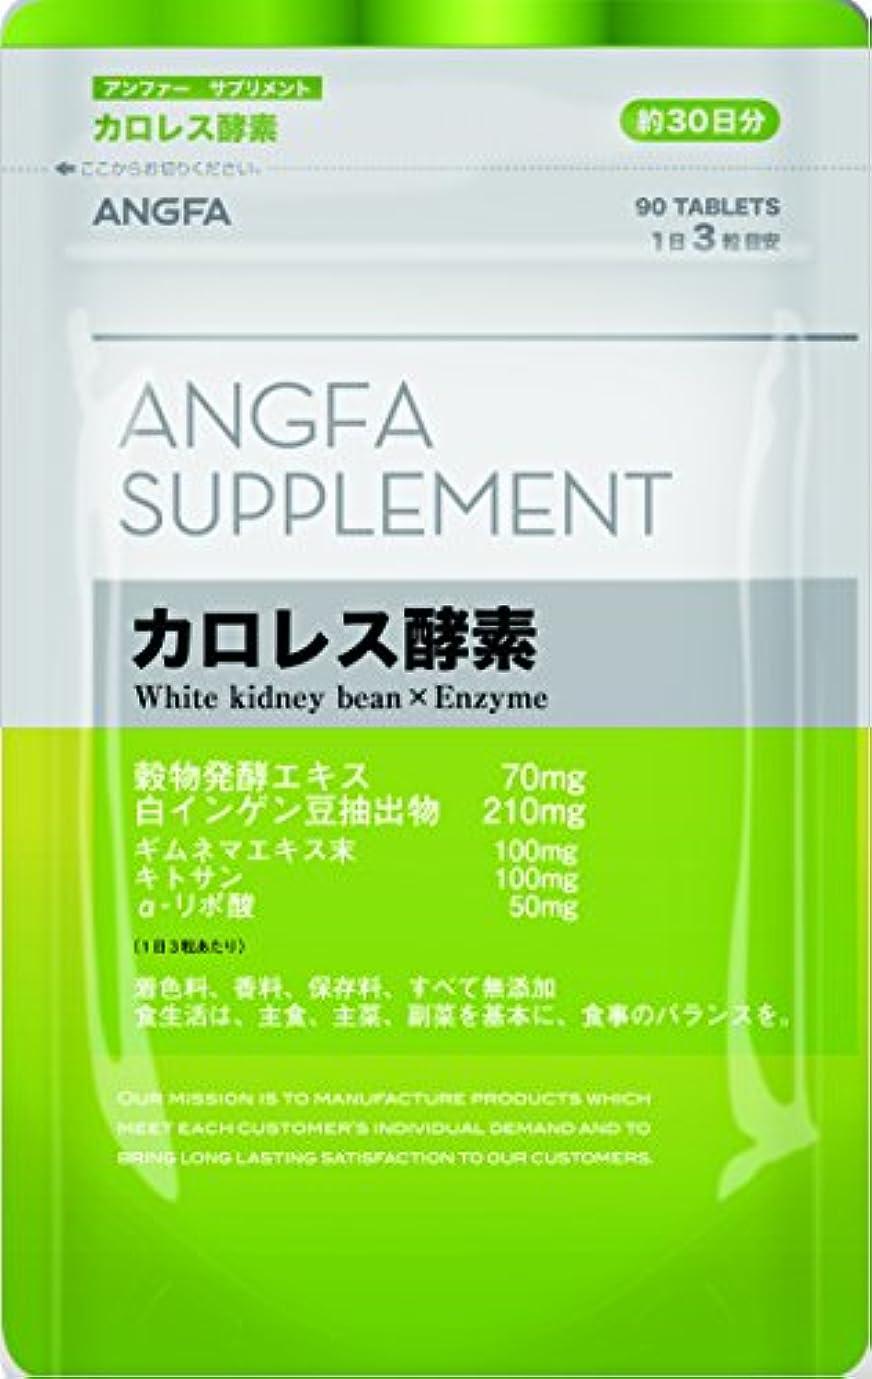 ハードリング卵レンディションアンファー (ANGFA) サプリメント カロレス酵素 90粒 ダイエットサポート サプリメント